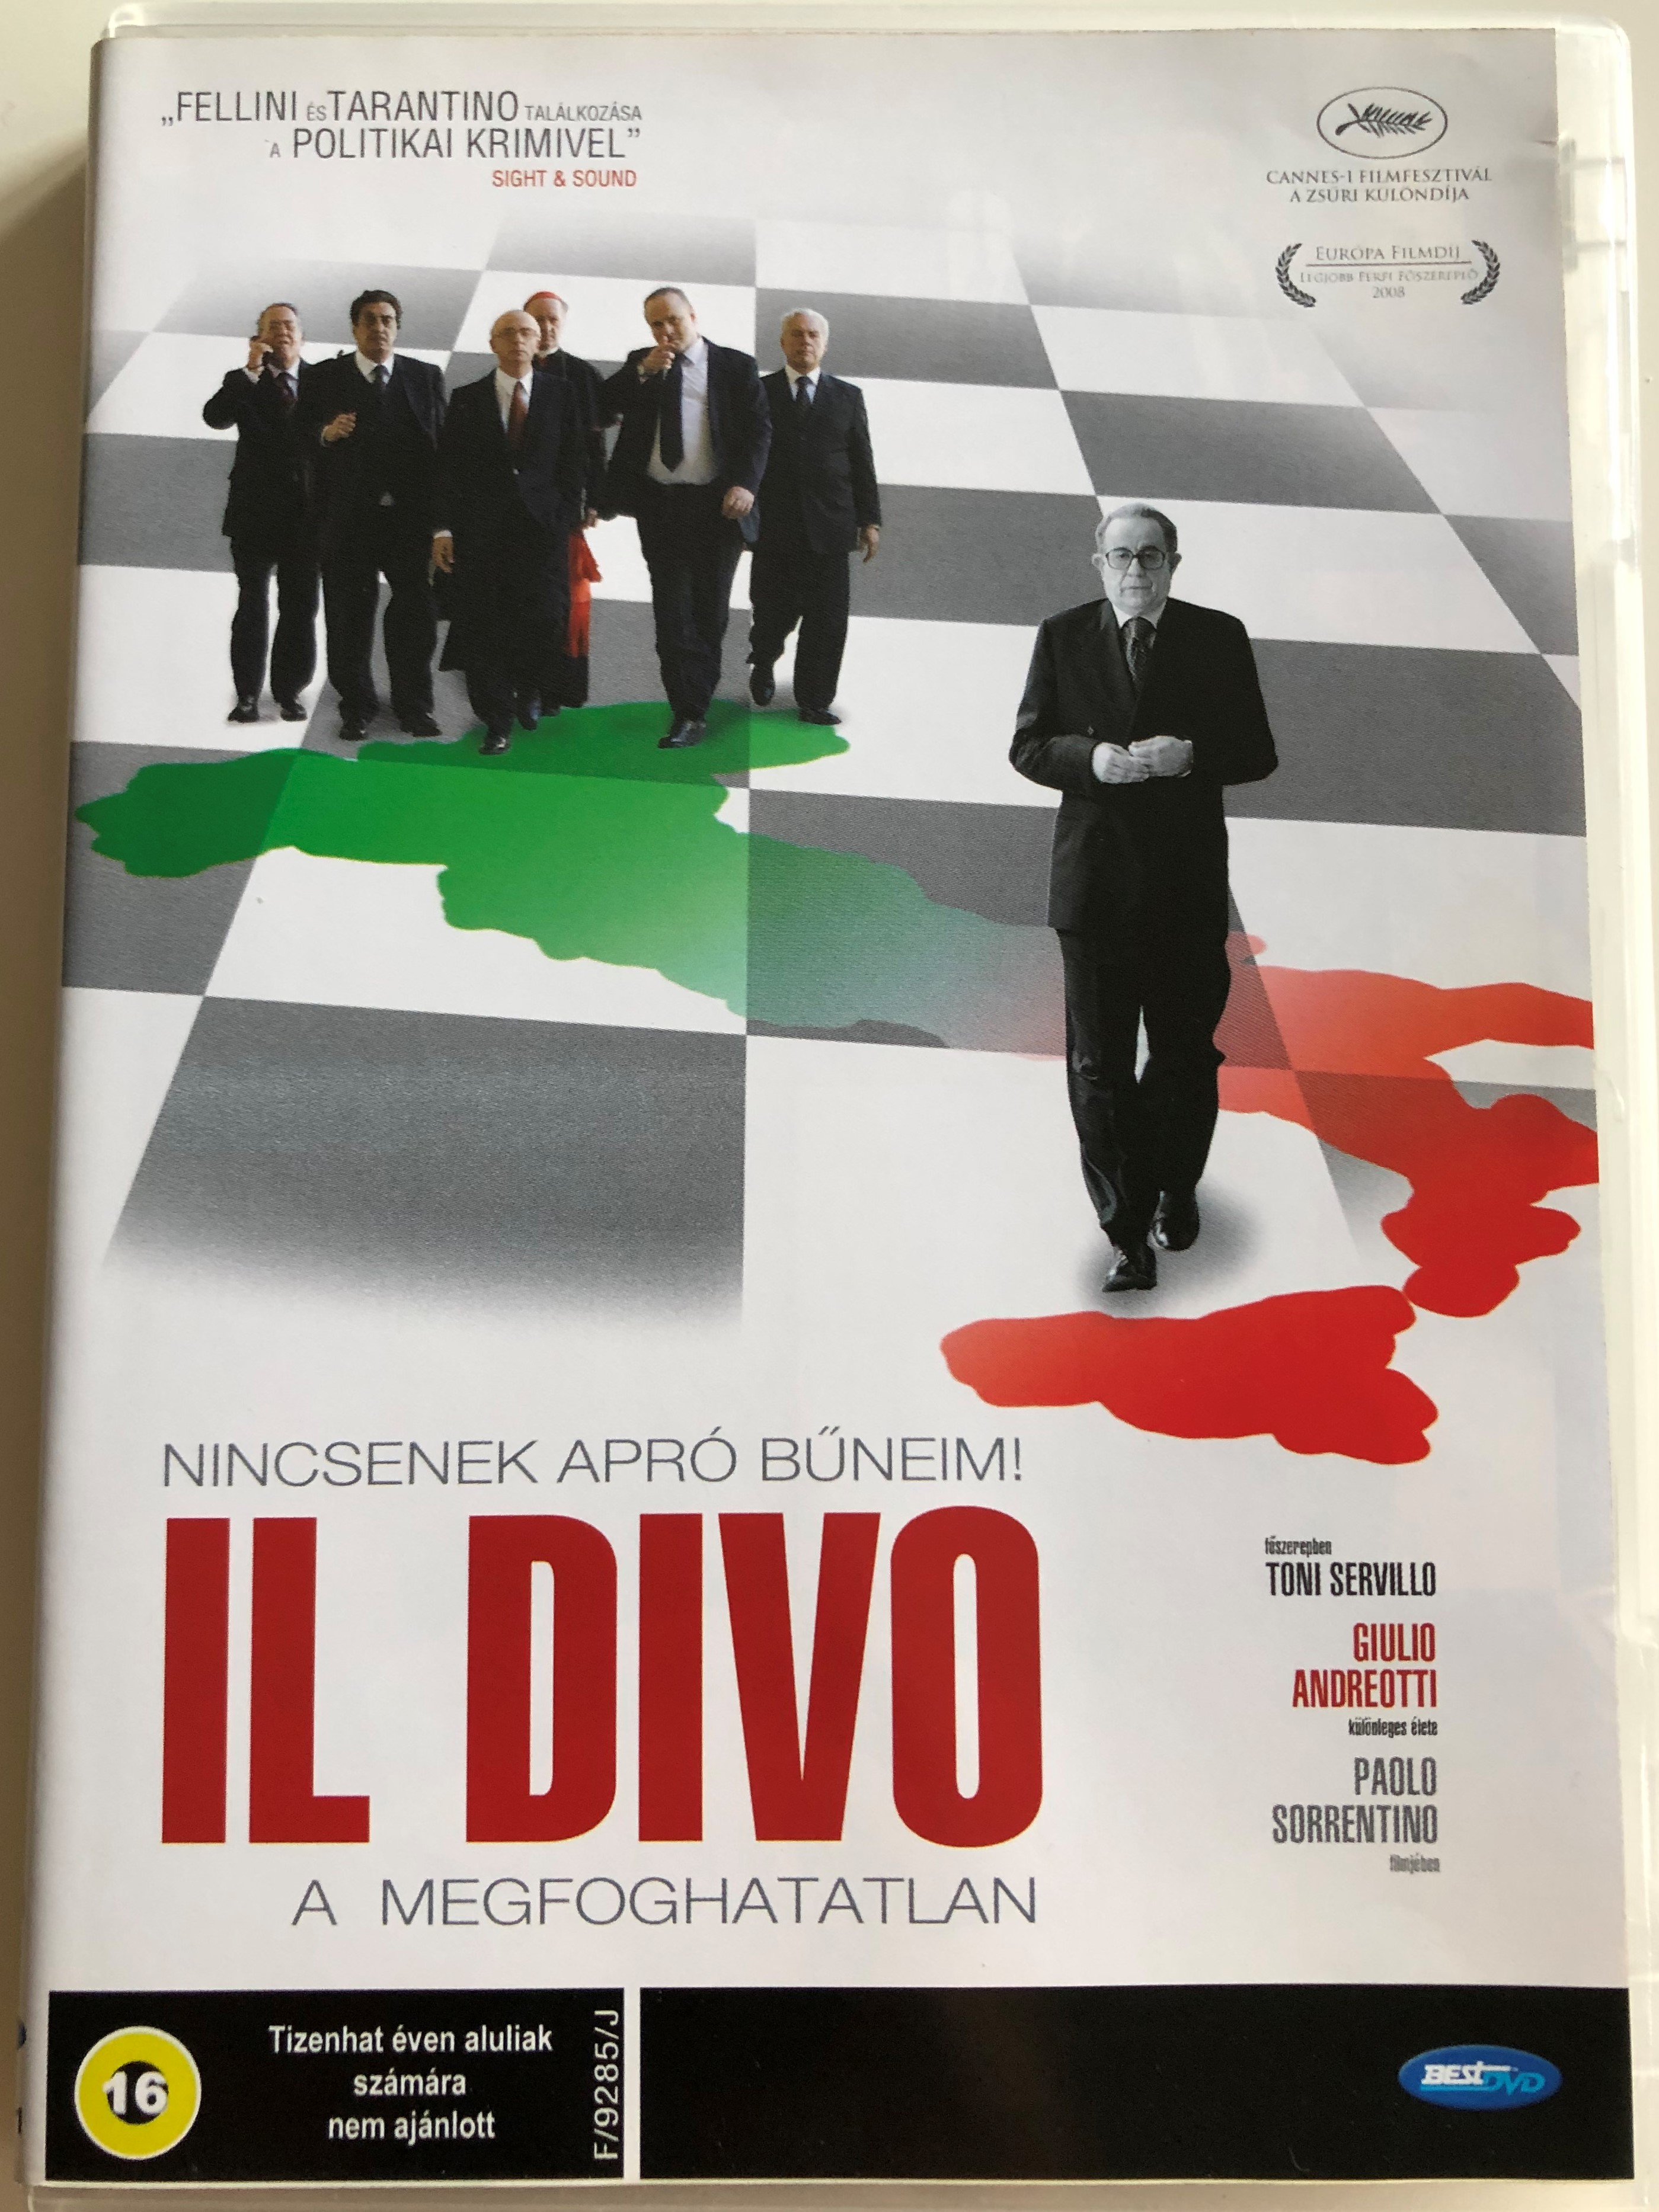 il-divo-dvd-a-megfoghatatlan-directed-by-paolo-sorrentino-starring-toni-servillo-anna-bonaiuto-piera-degli-esposti-paolo-graziosi-giulio-bosetti-flavio-bucci-carlo-buccirosso-the-celebrity-biographical-drama-abou-1-.jpg